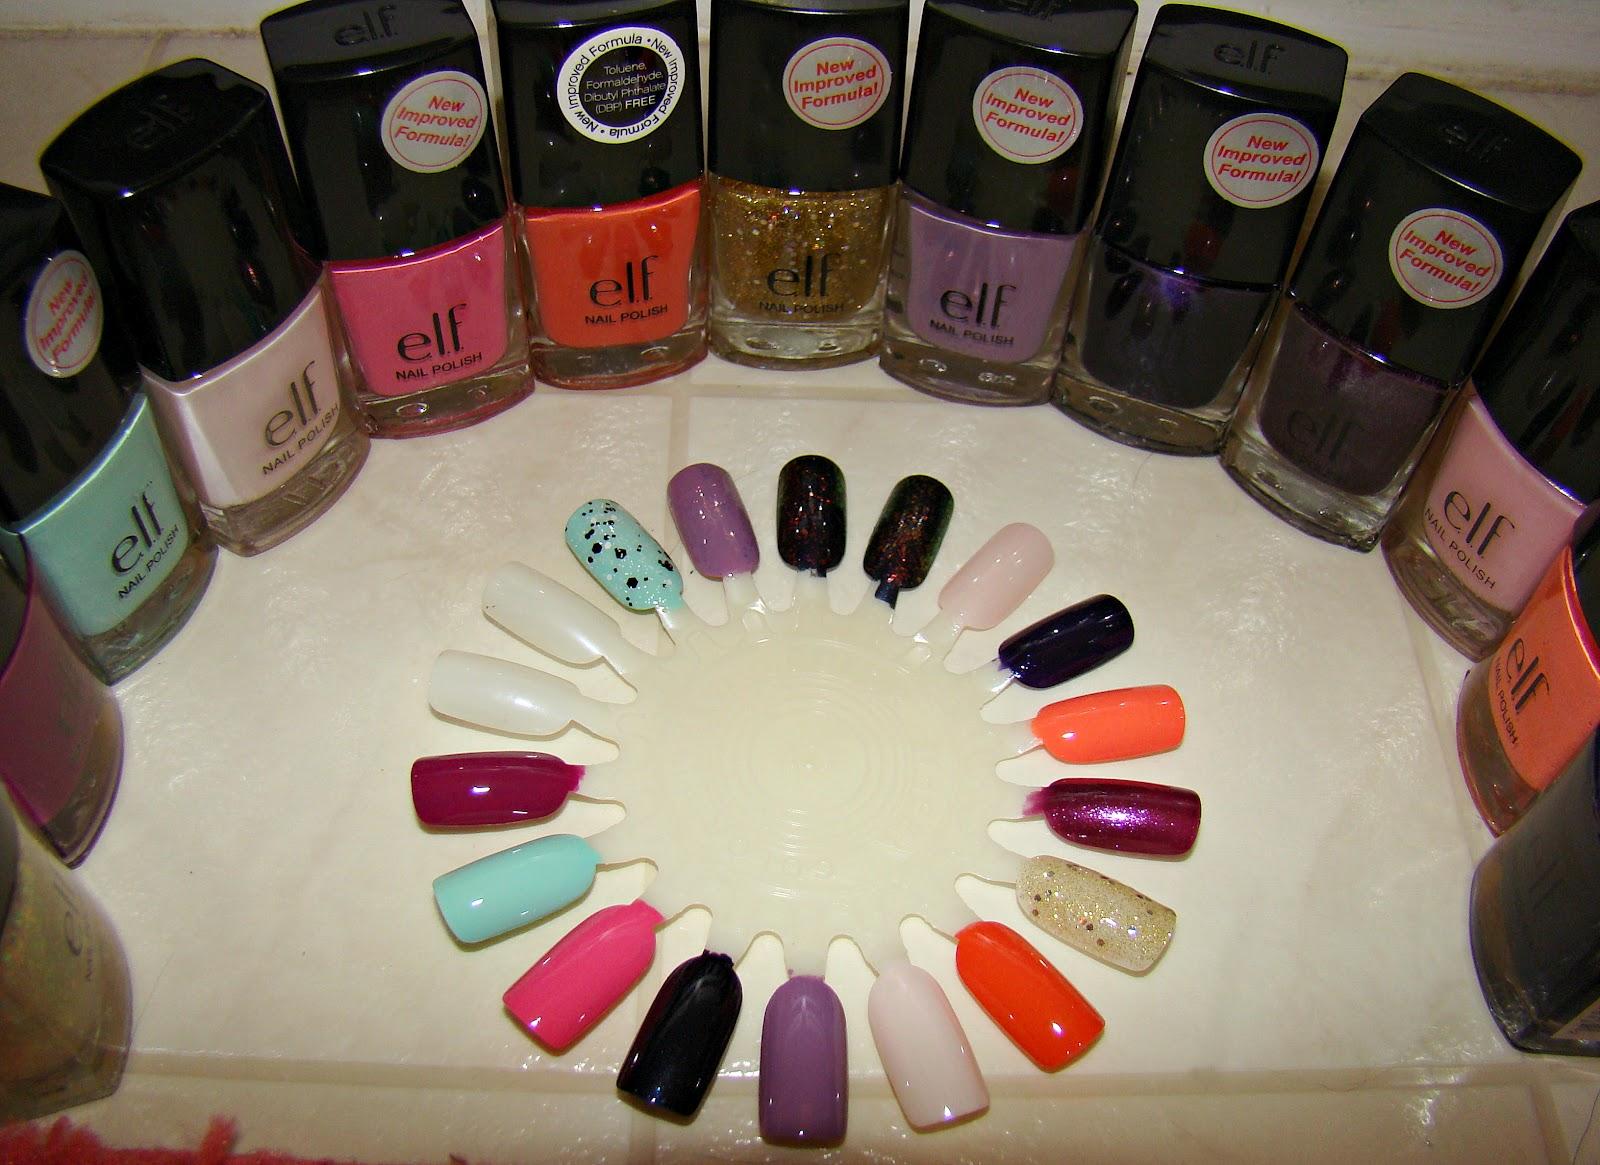 Polishophrenia: e.l.f. nail polish review and BATTLE OF THE FLAKIES!!!